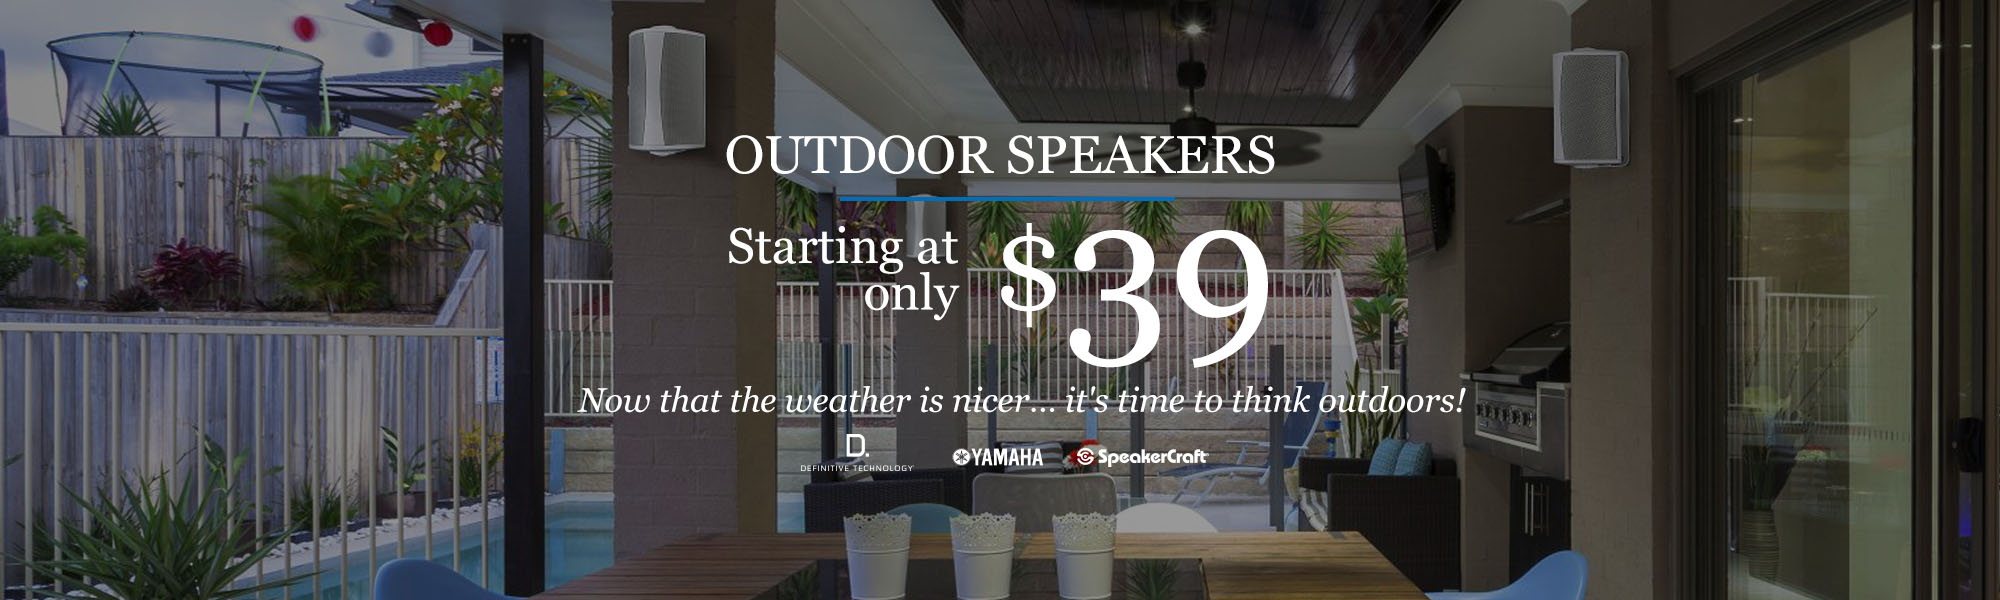 Outdoor speaker promo